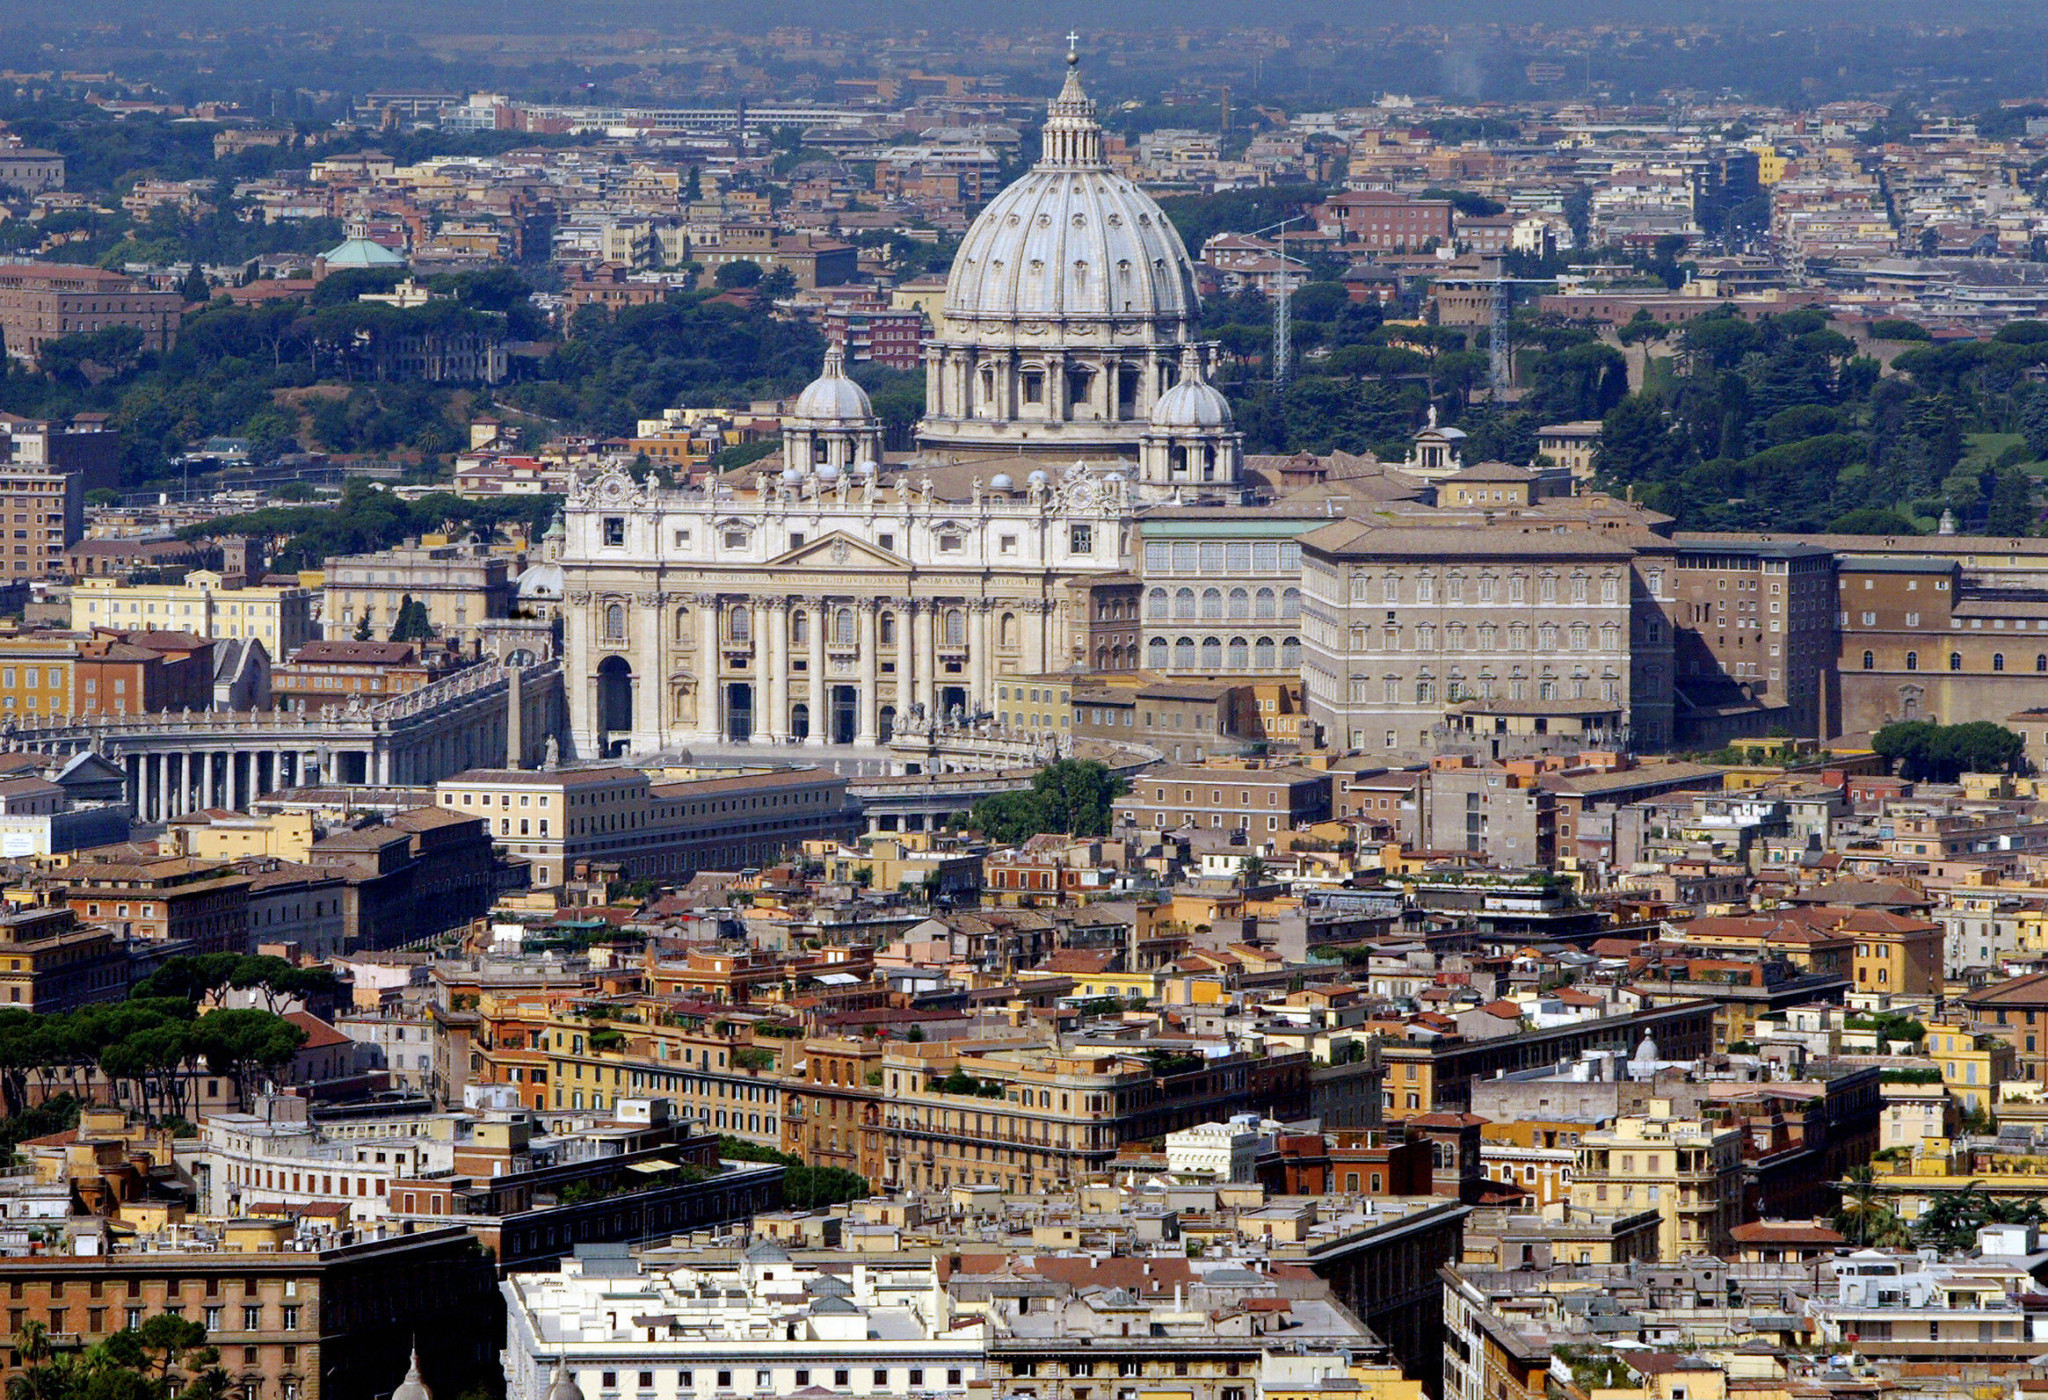 Rome to host 2021 Street Skateboarding World Championships